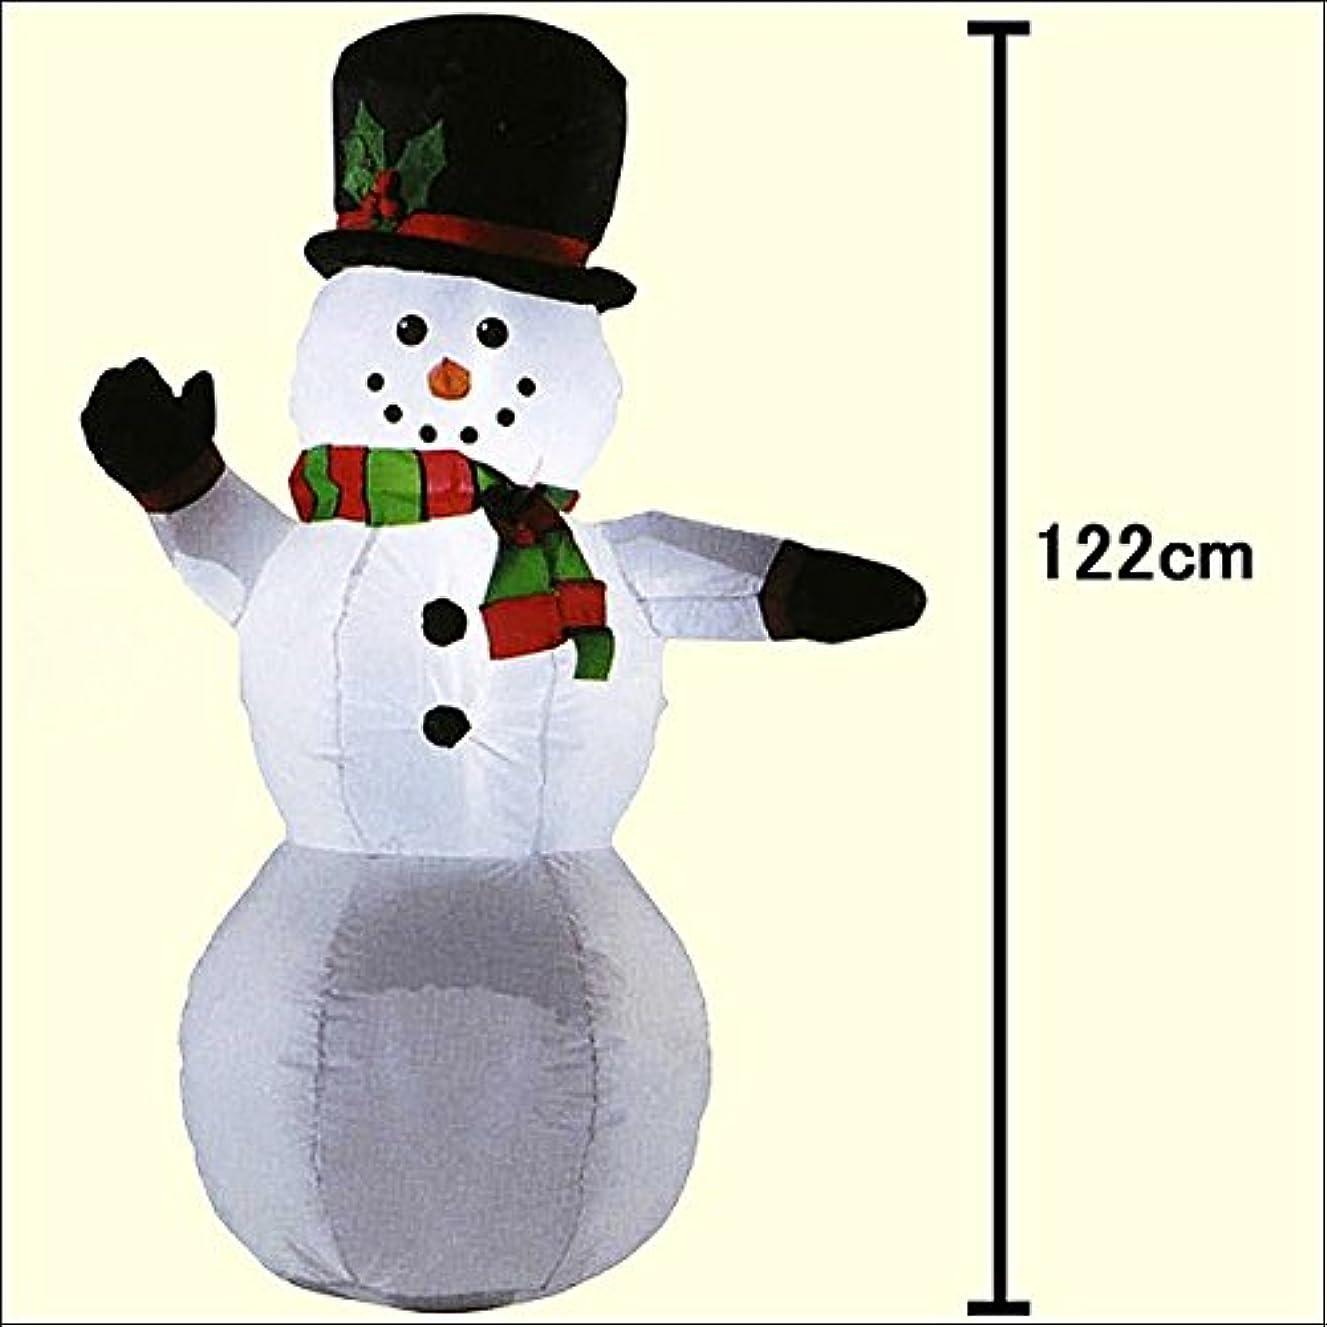 コンバーチブル法廷事実上クリスマスエアブロー装飾 スノーマン H122cm  21676